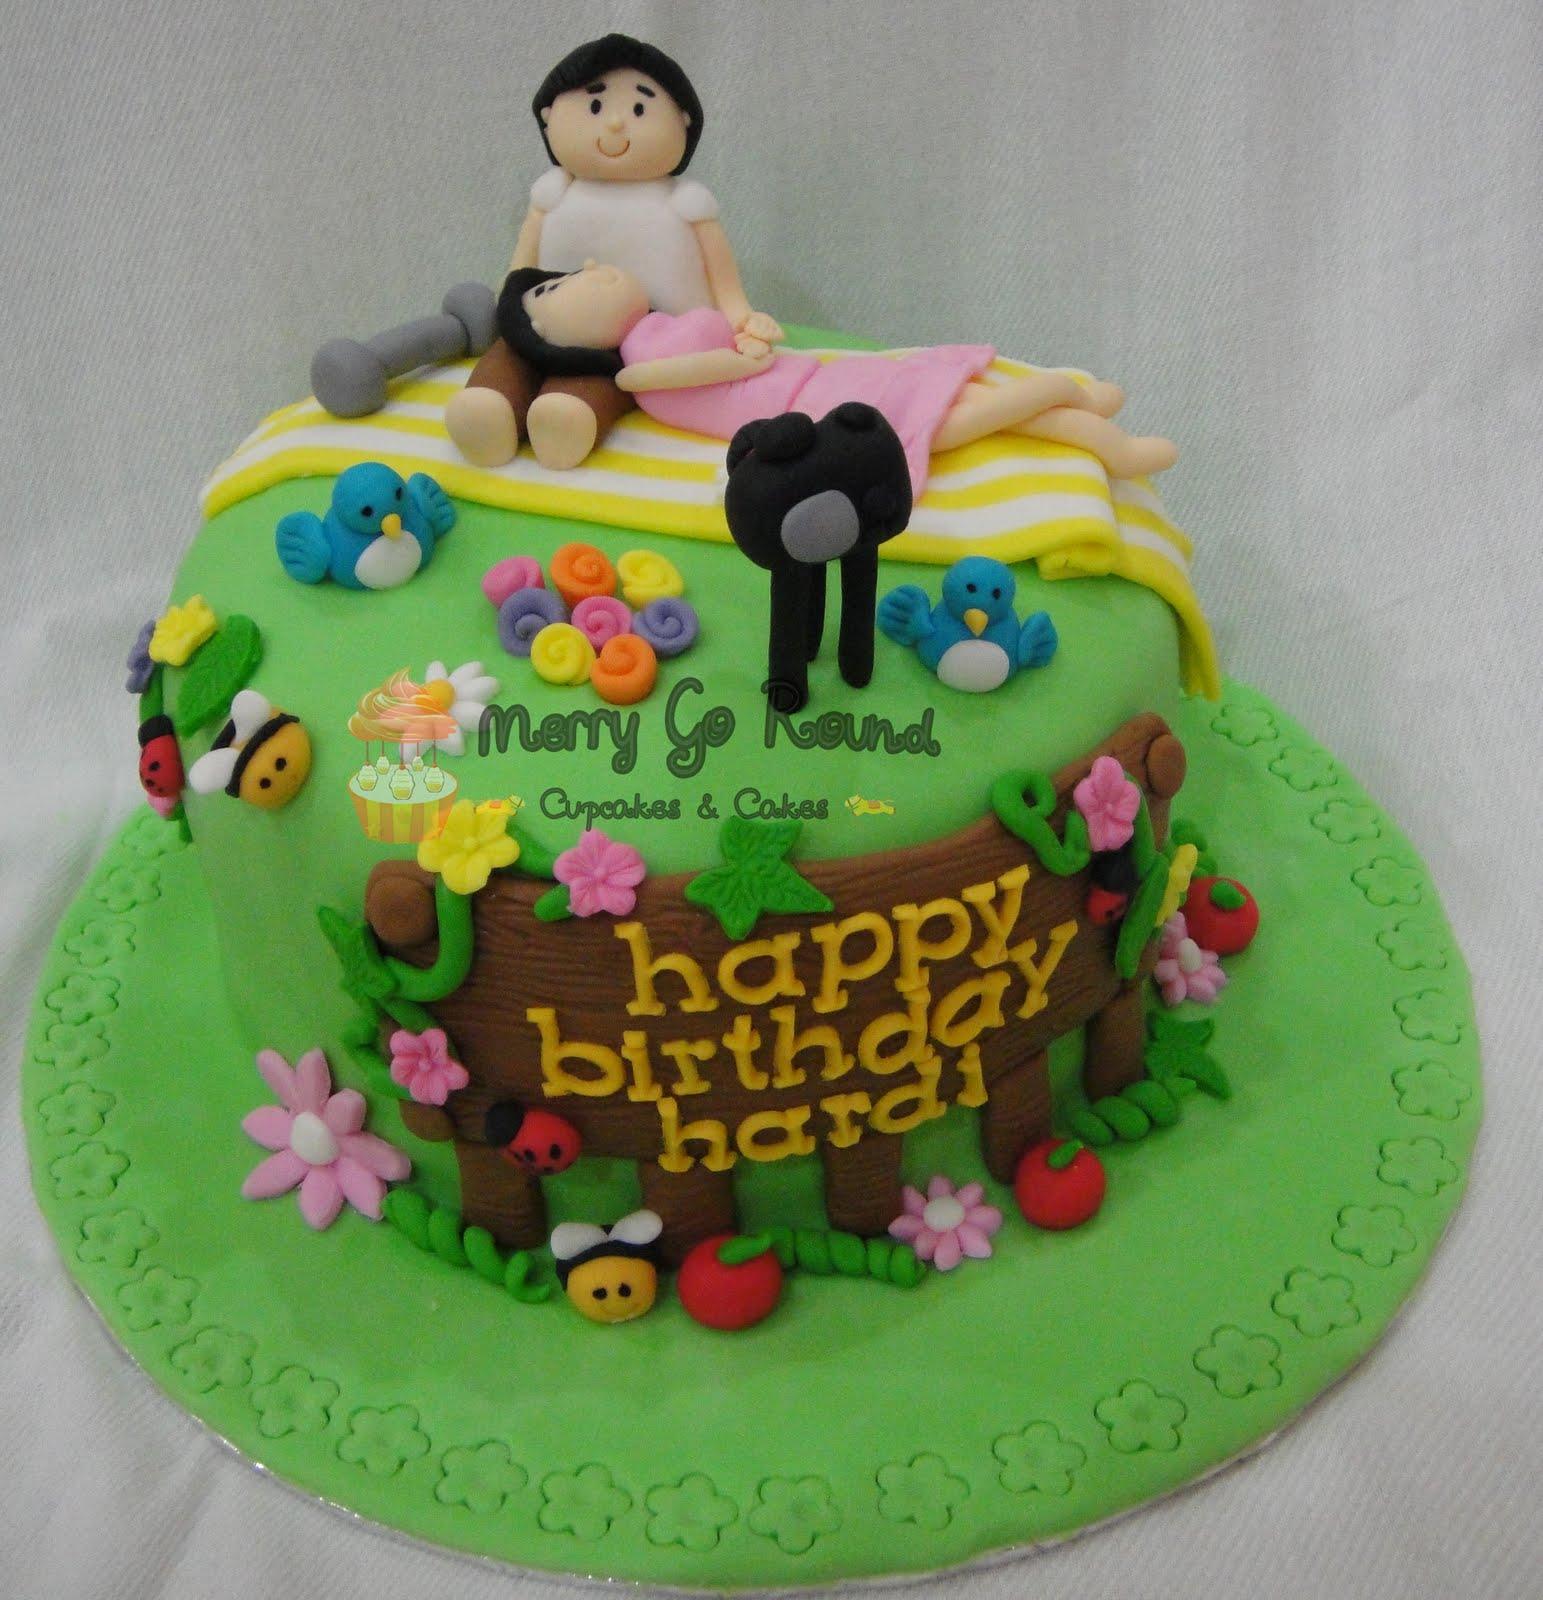 Cupcakes & Cakes: Birthday Cake